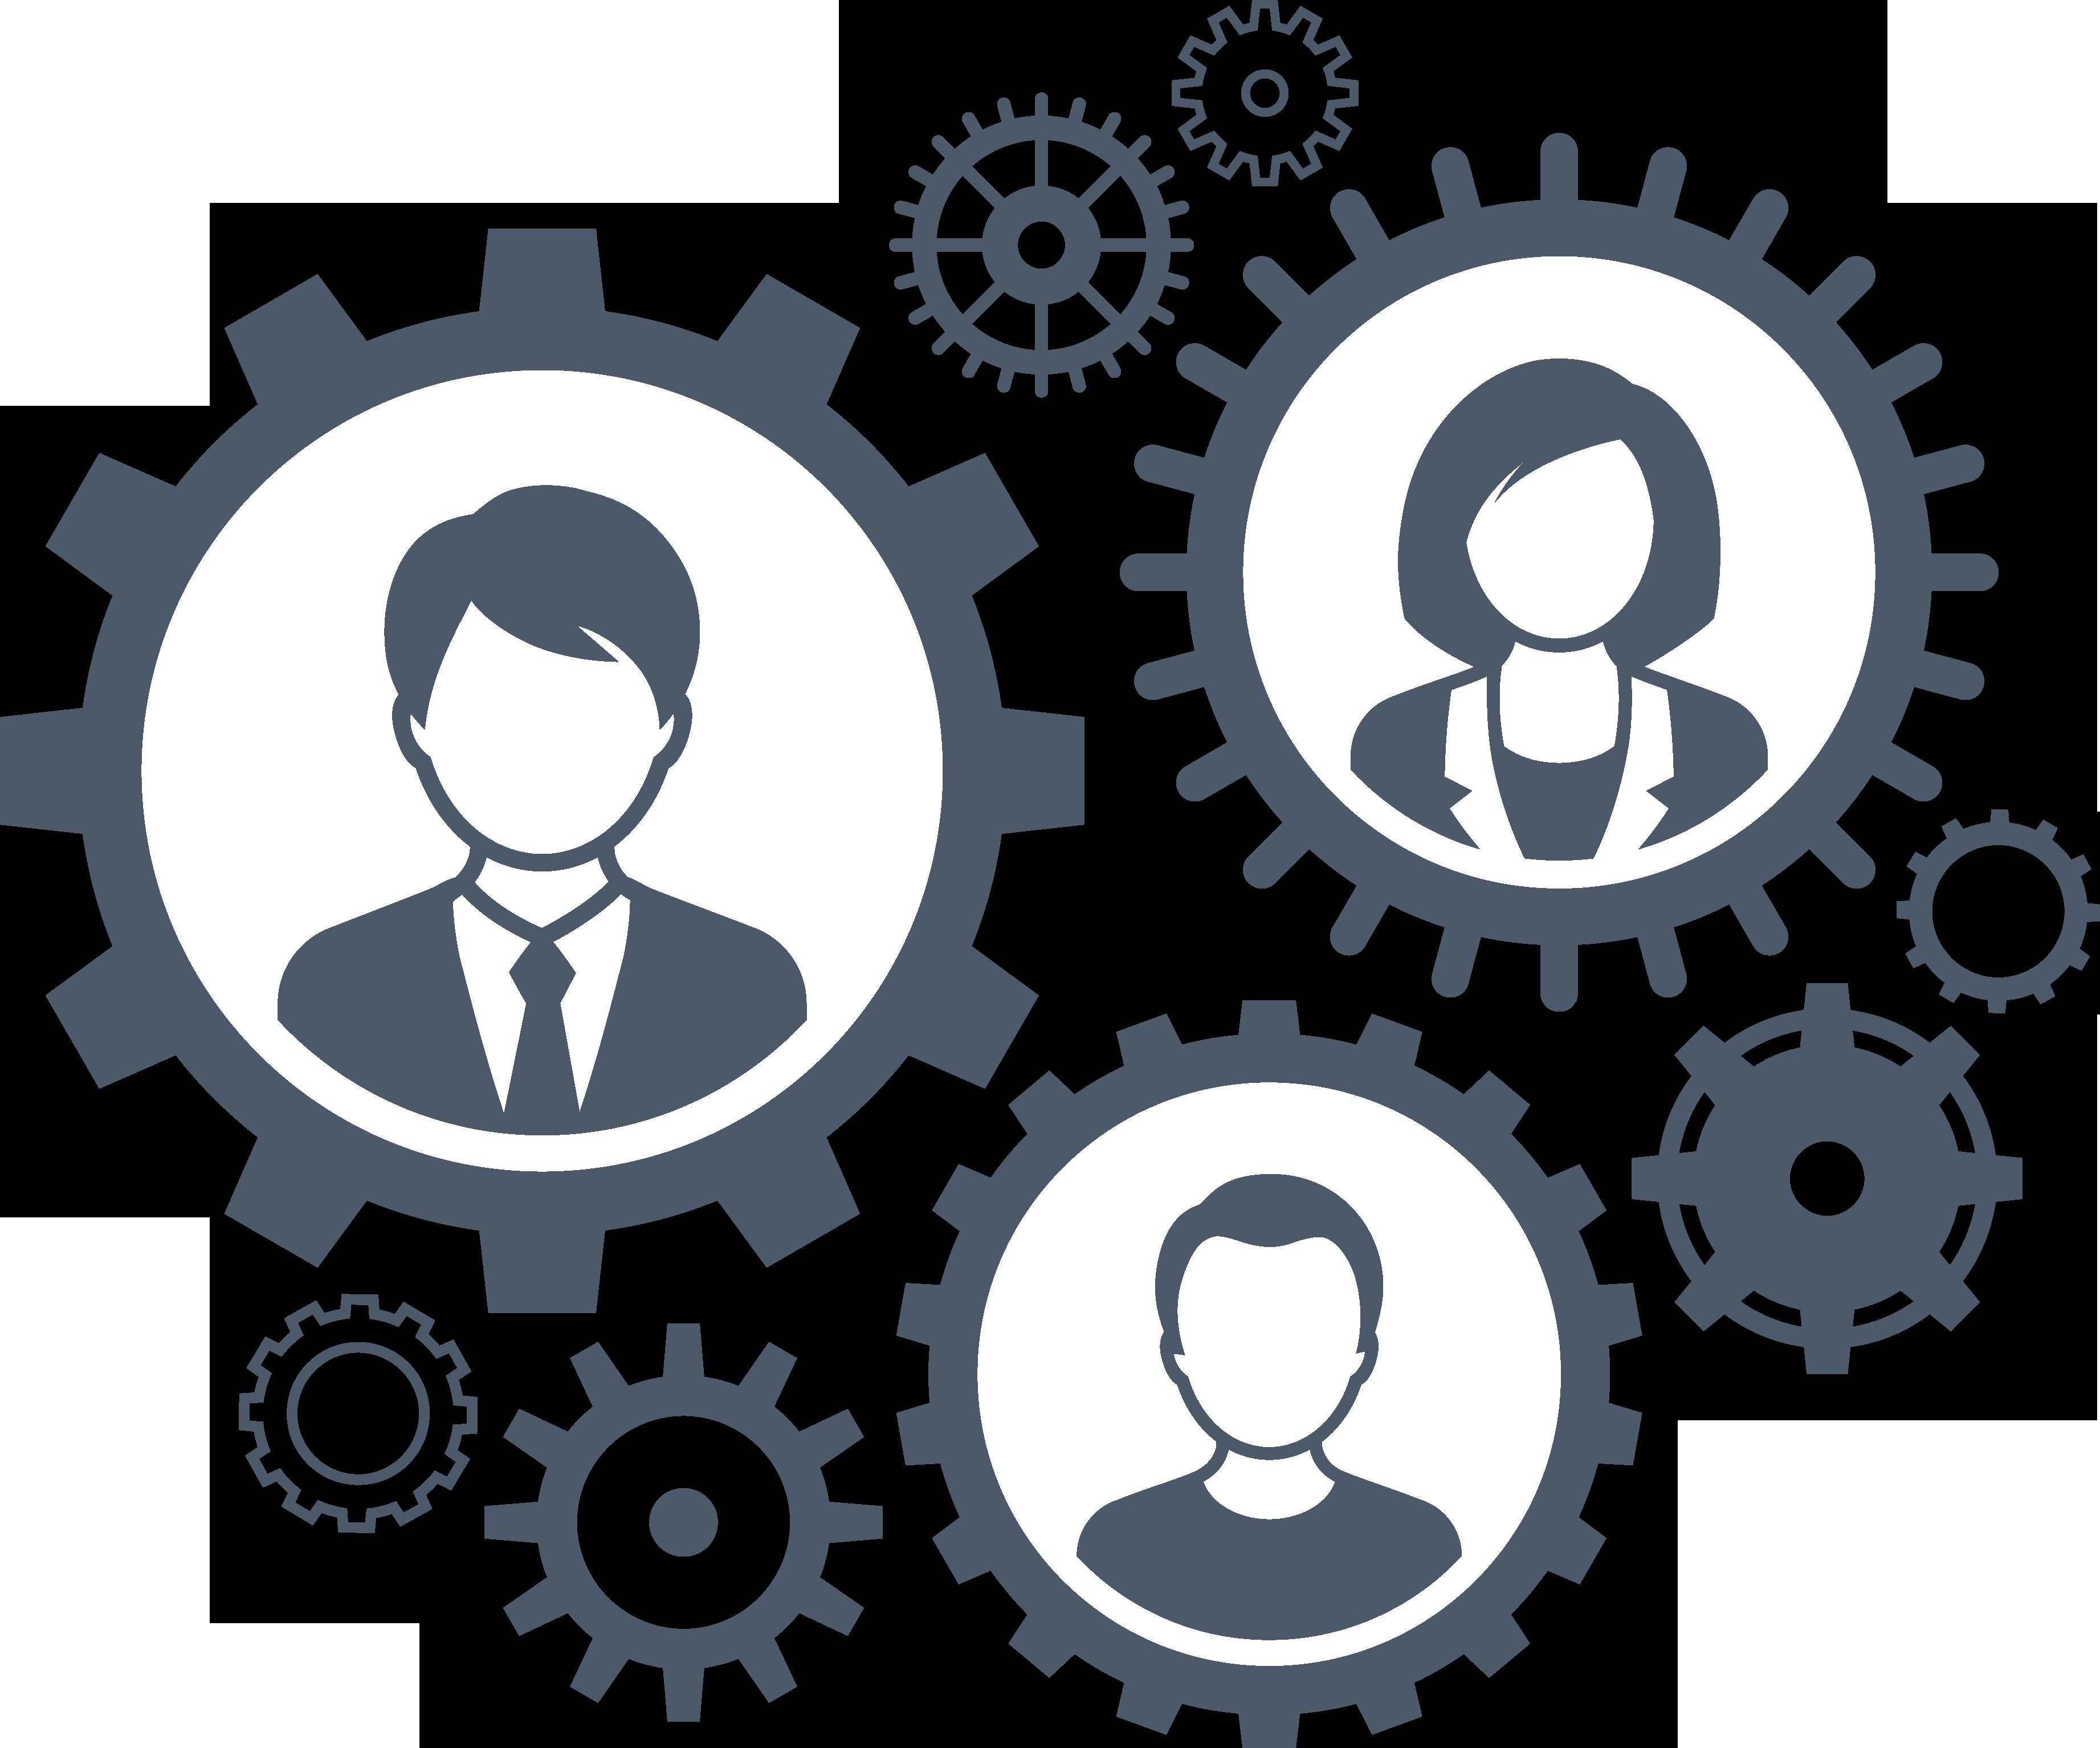 Teamwork clipart resource. Employee engagement human management